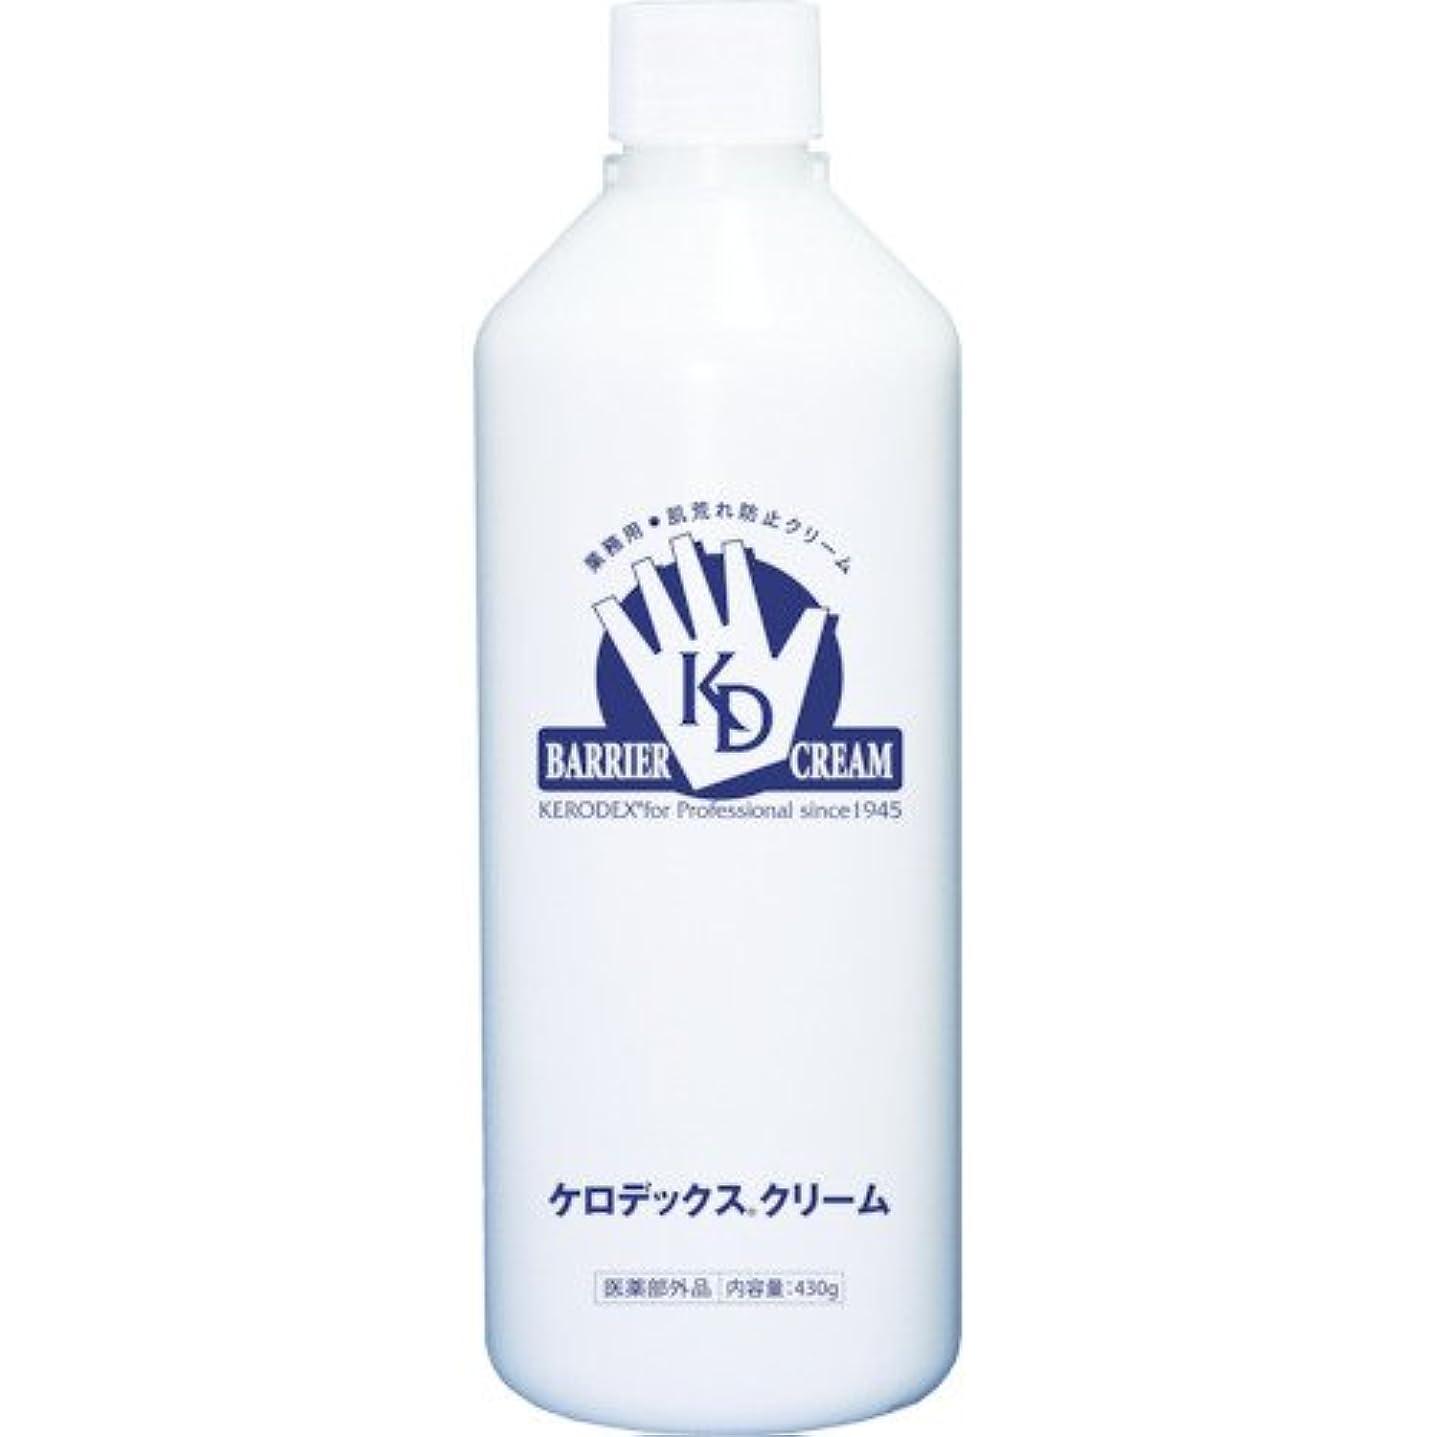 策定する中絶妥協ケロデックスクリーム ボトルタイプ 詰替用 430g